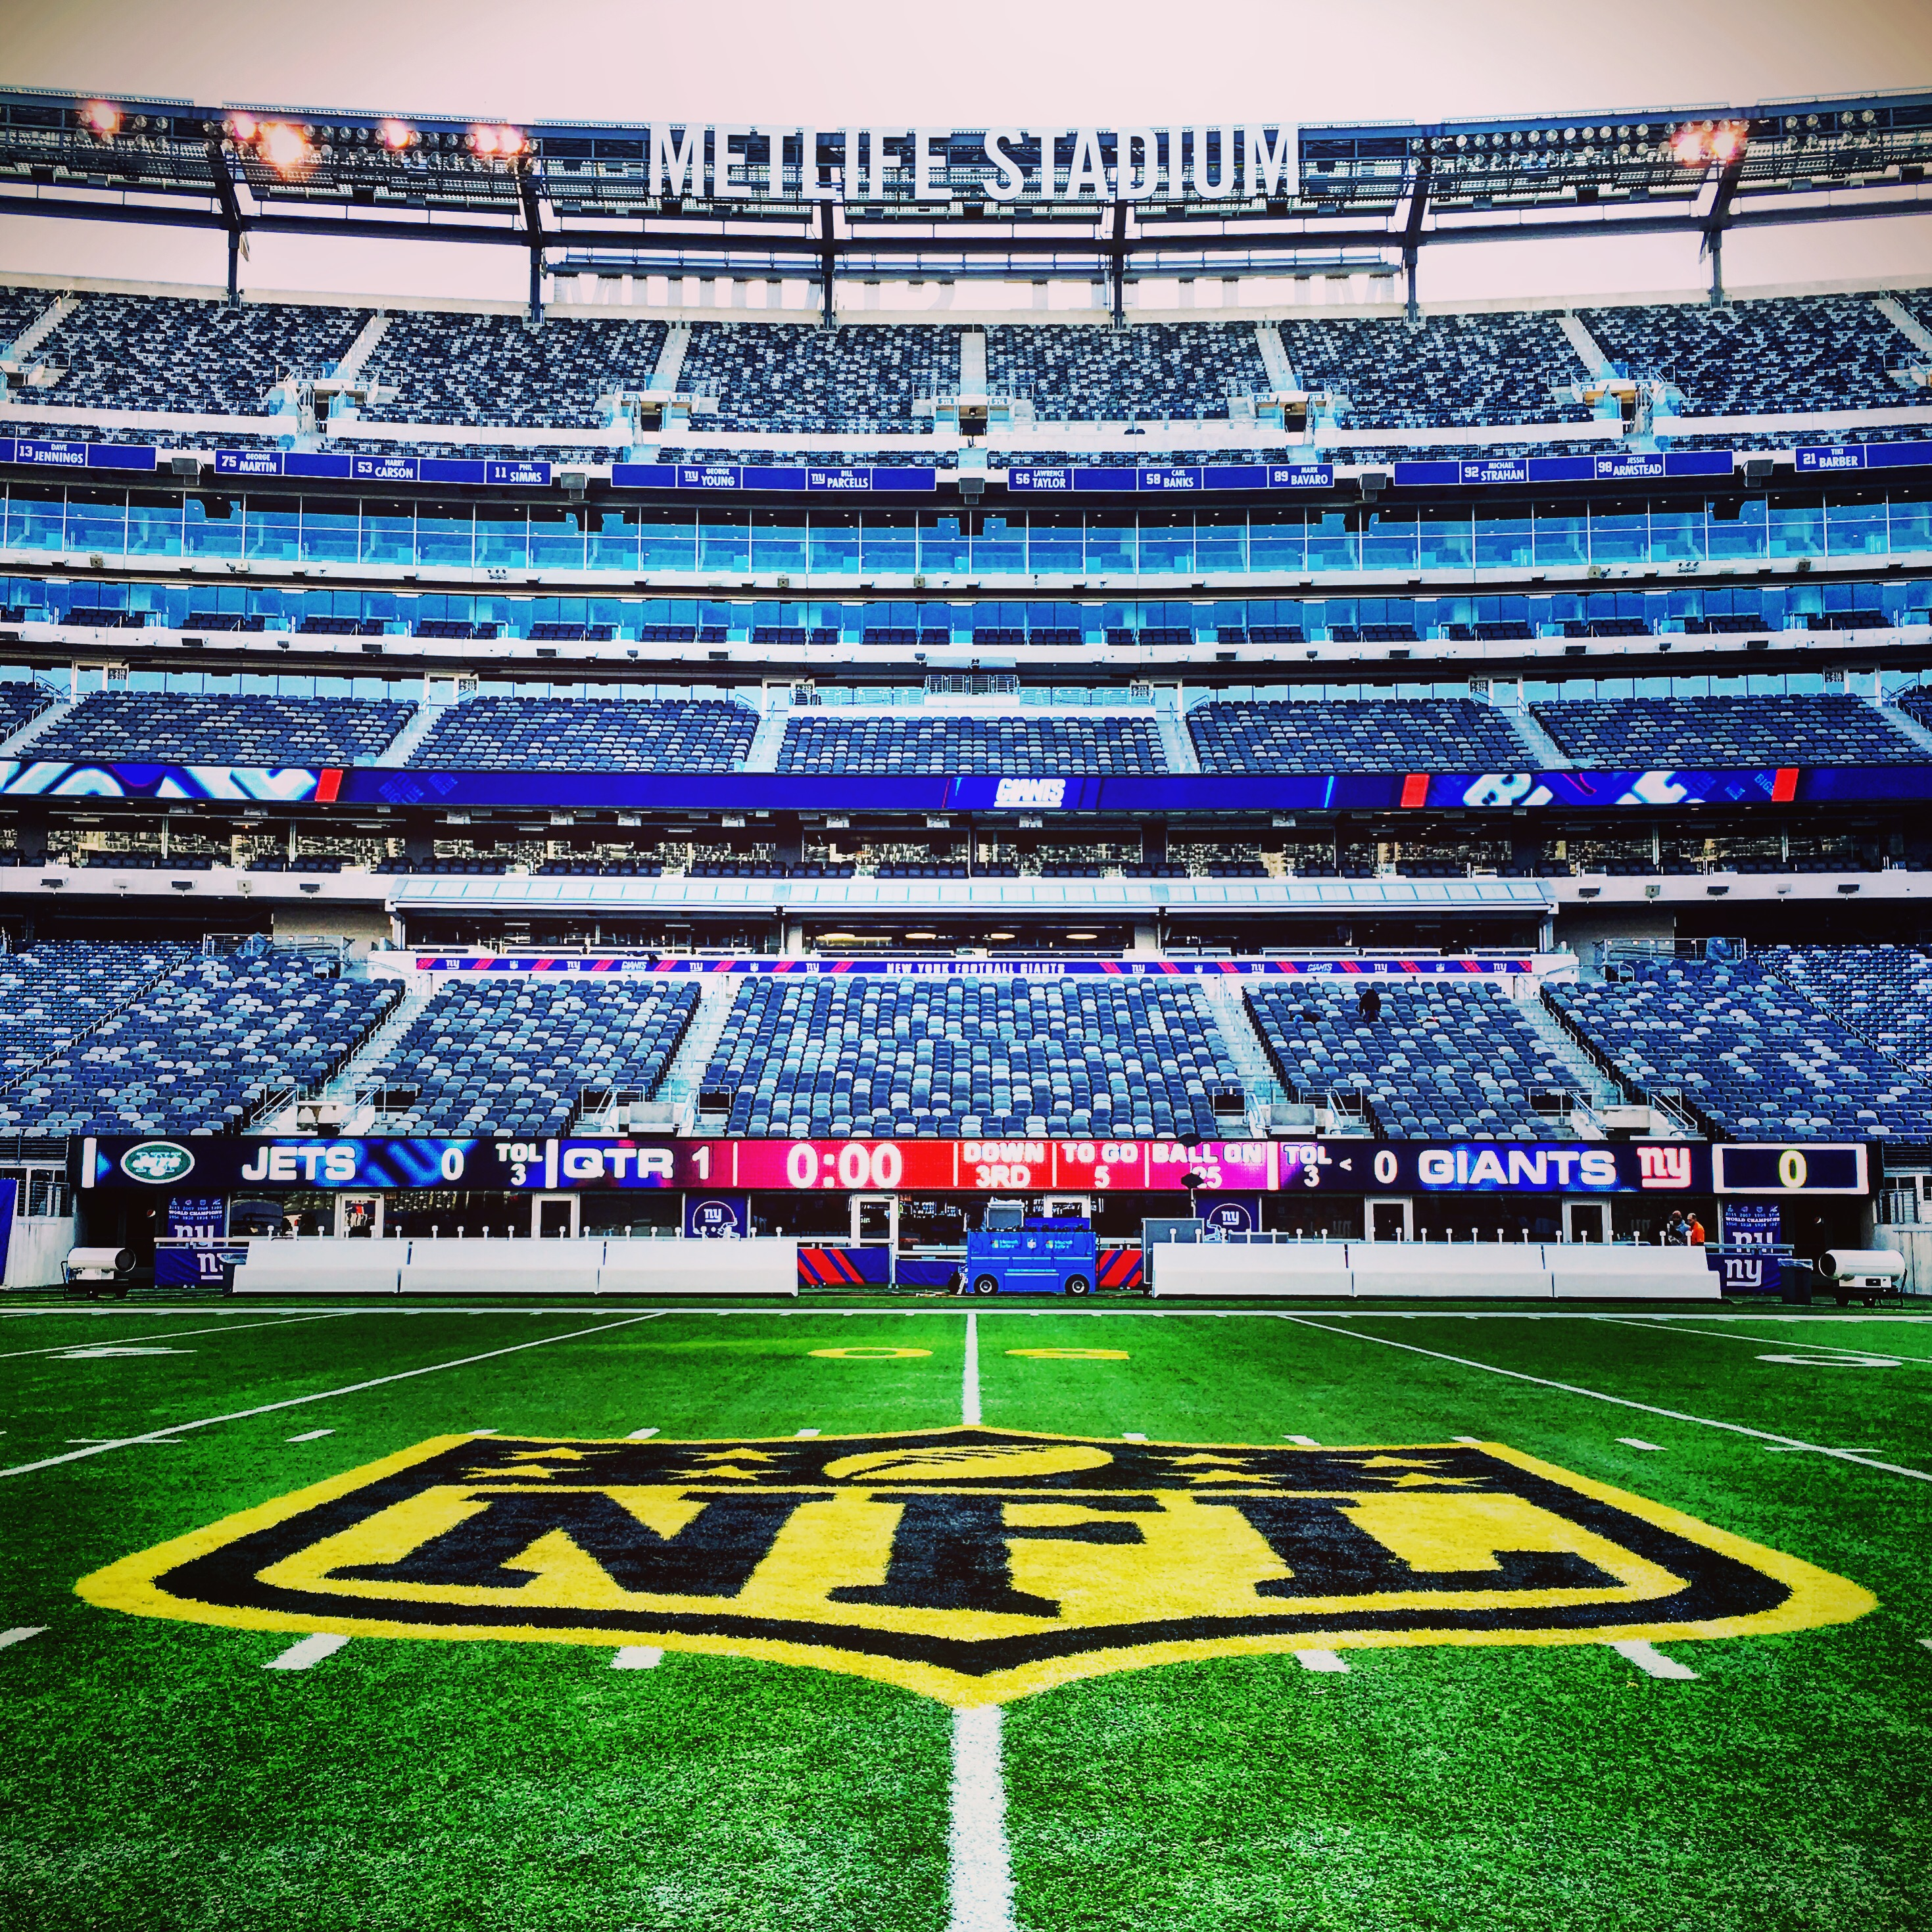 MetLife Stadium De New Jersey, El Gigante Ecológico De Los Giants Y Los Jets